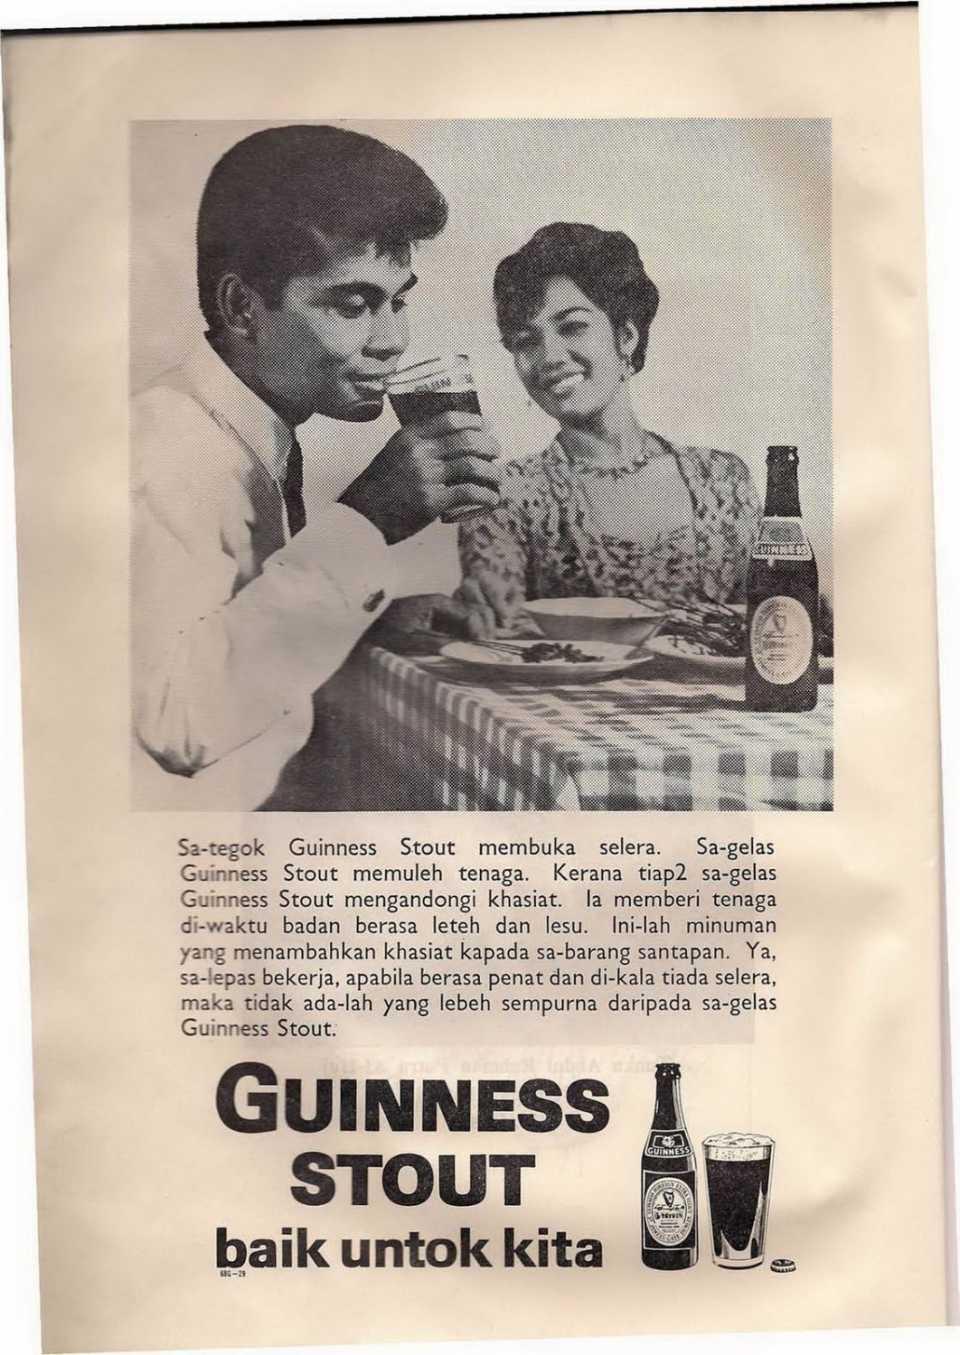 Guinness Stout baik untok kita_1968 (2)_Page_2.jpg